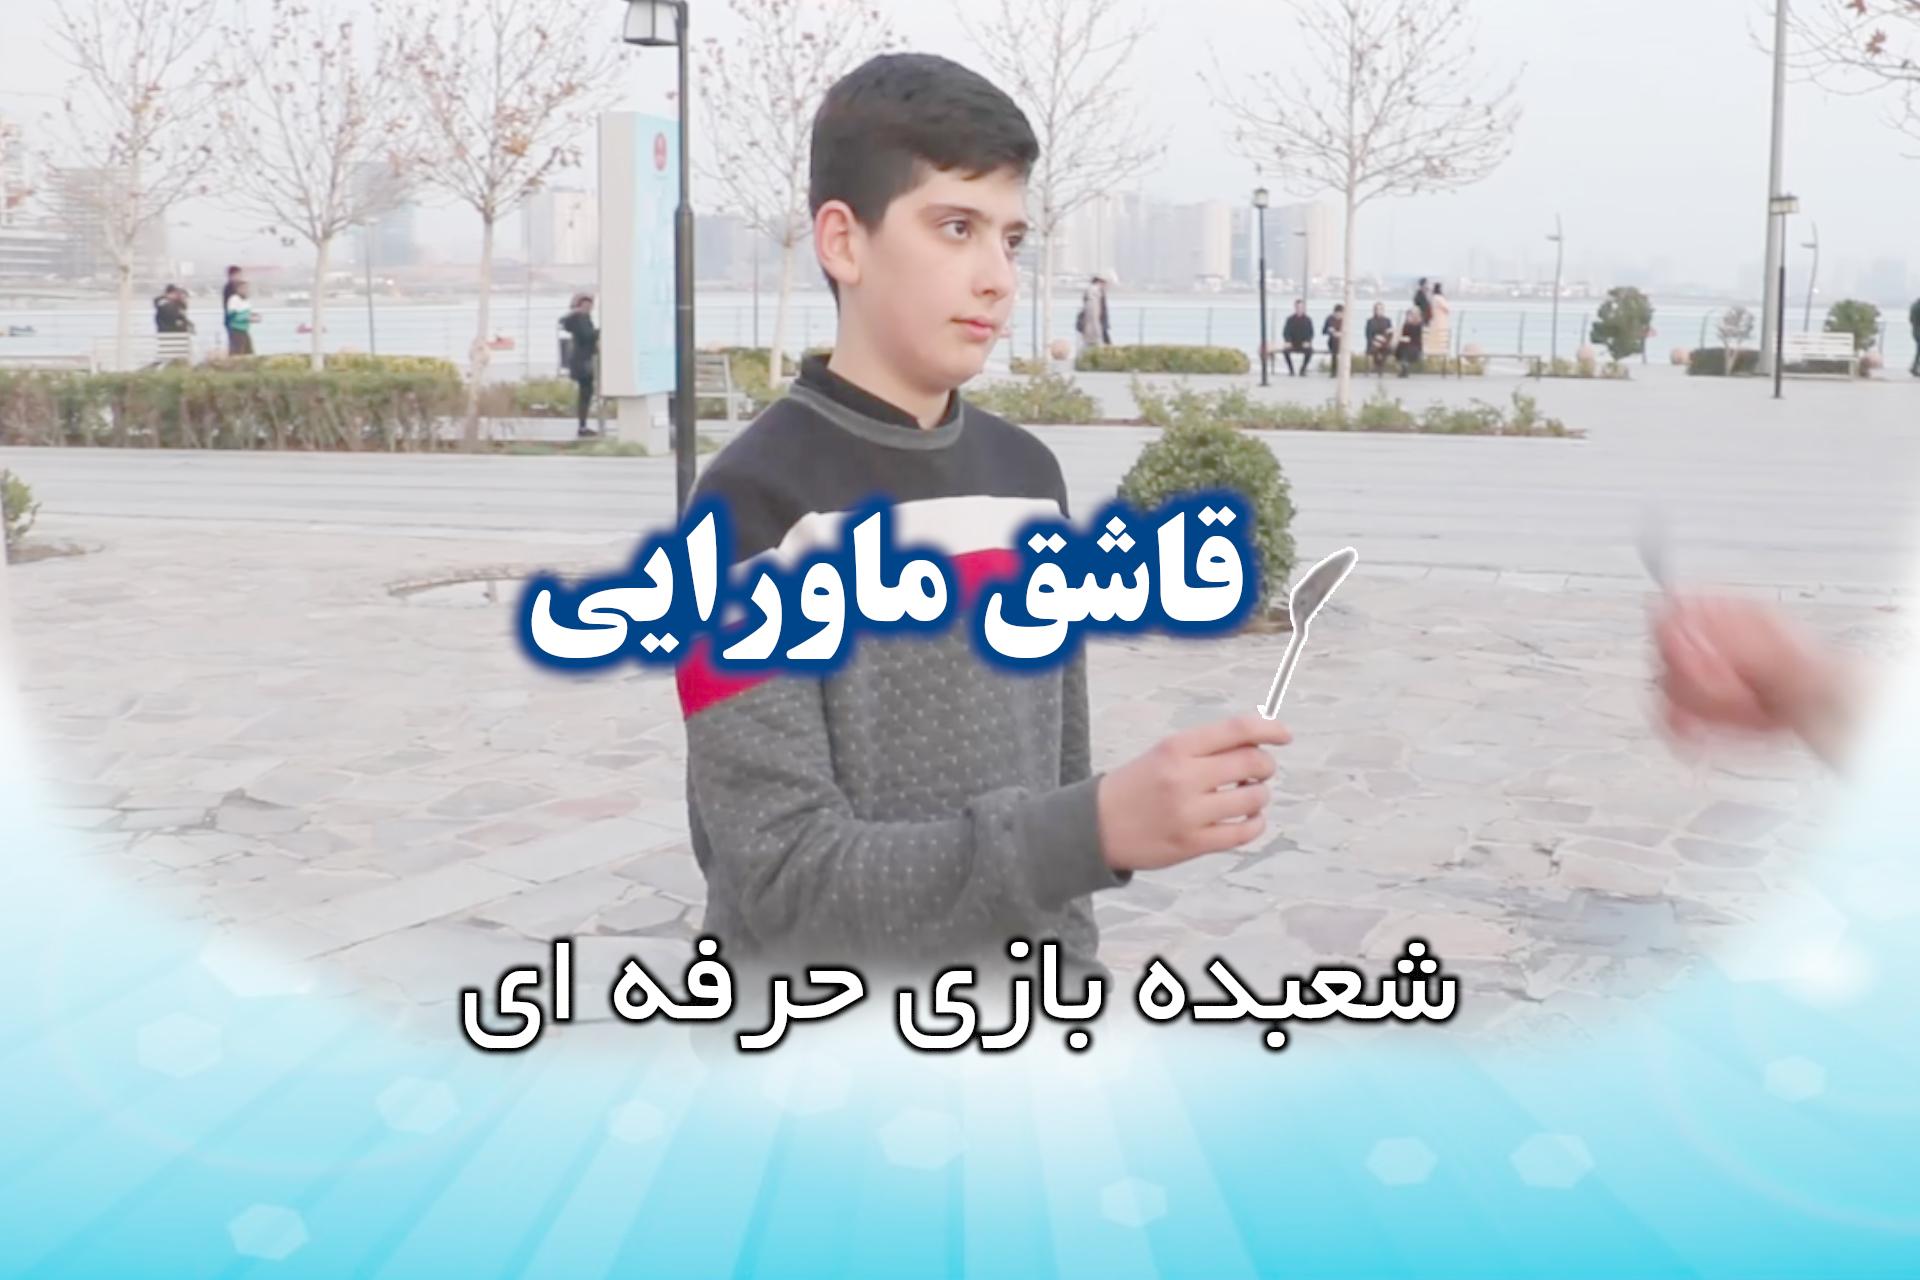 سید امیرحسین شریفی حسینی شعبده بازی قاشق